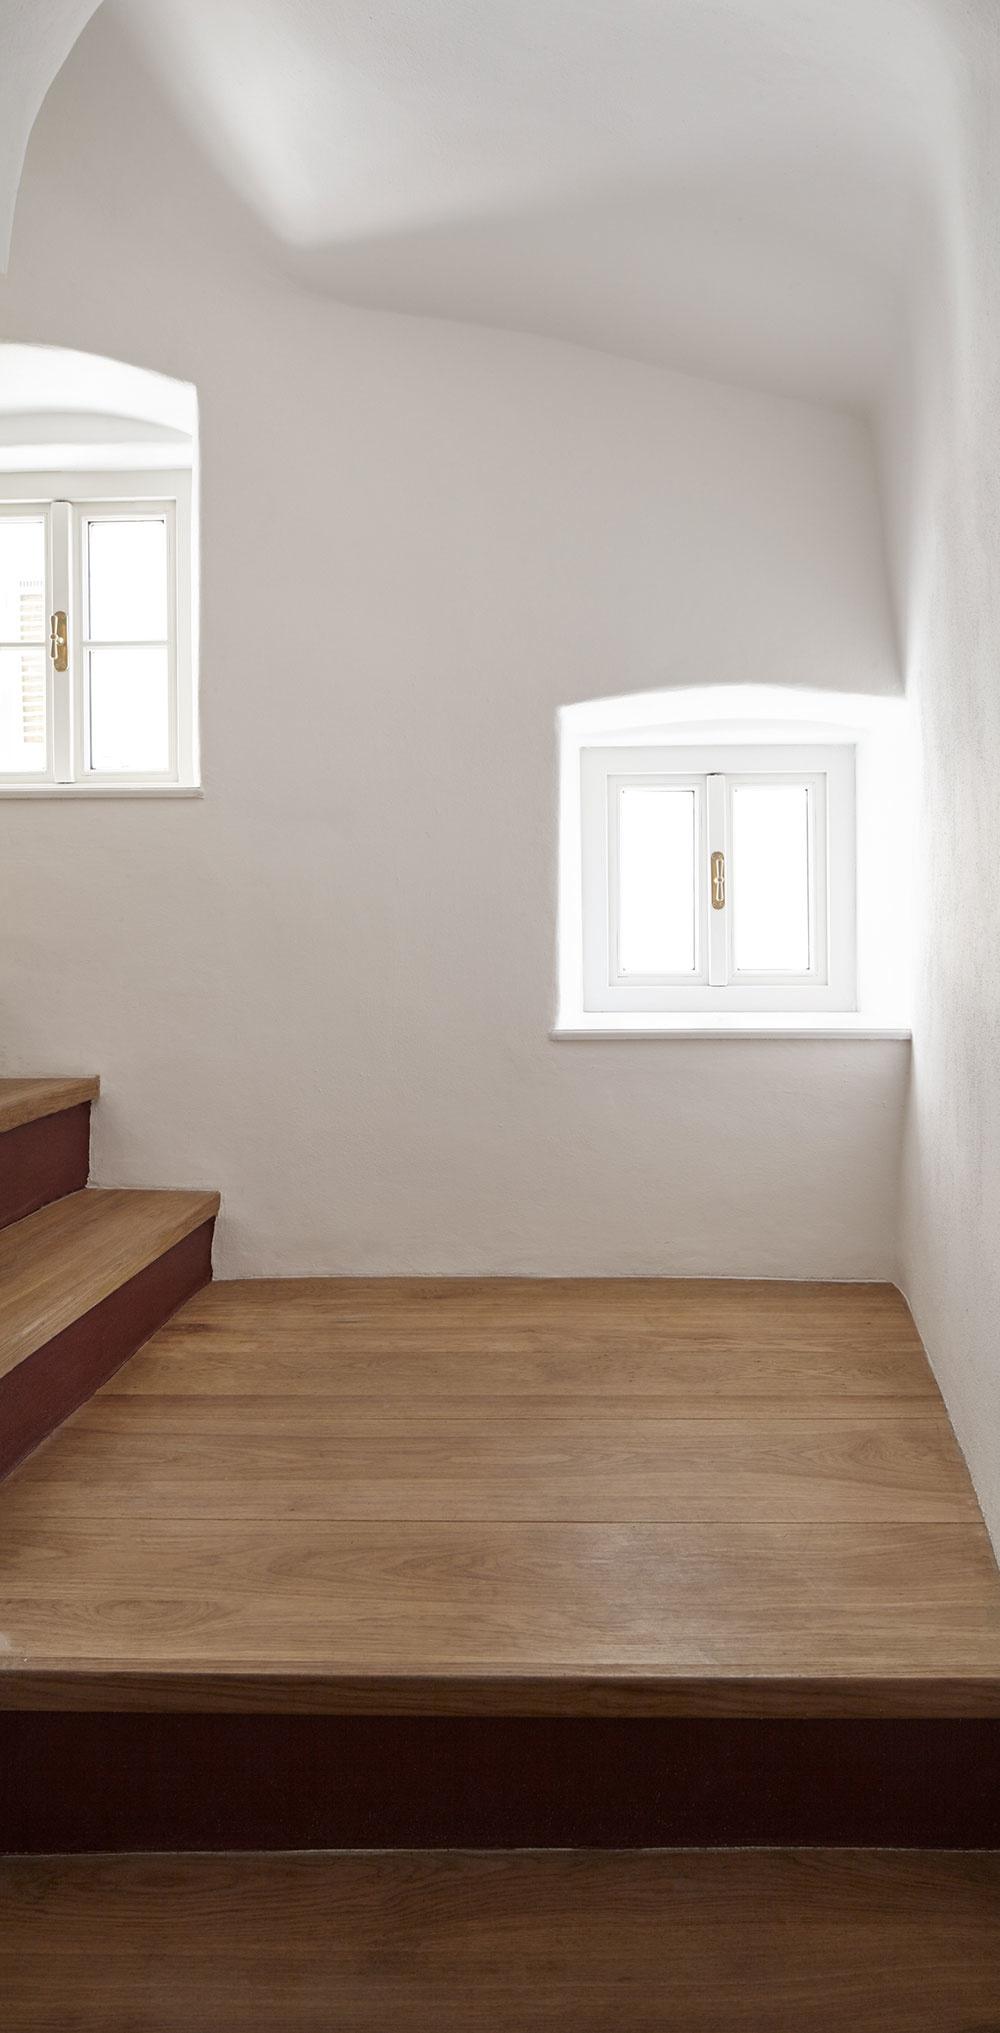 Dom v Mikulove, v ktorom nie je ani jedna stena rovná